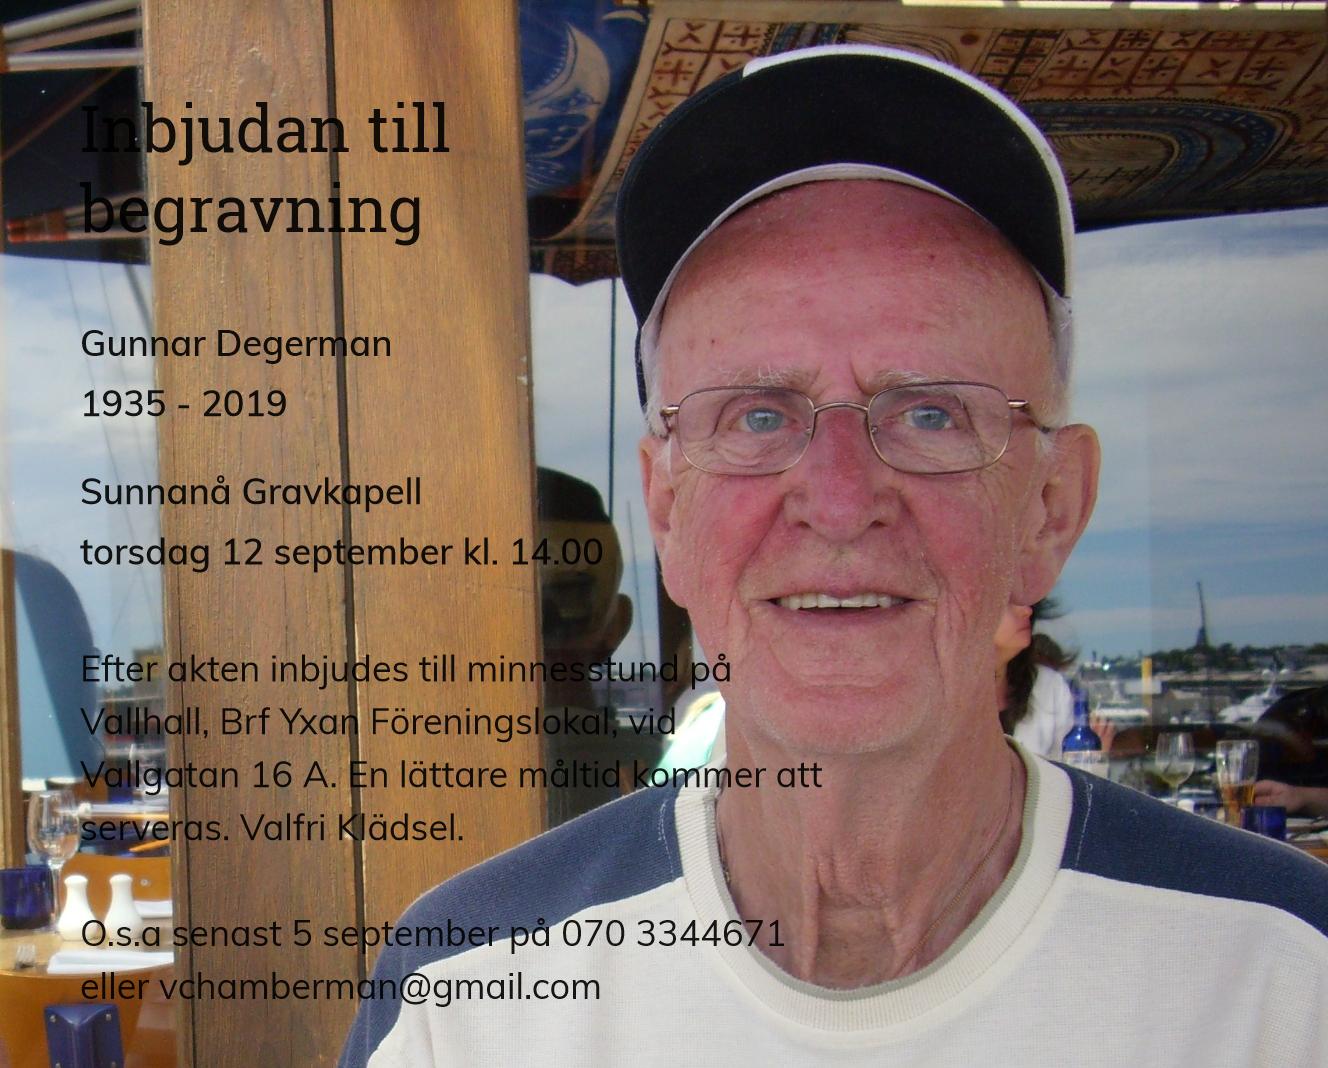 Inbjudningskort till ceremonin för Gunnar Degerman